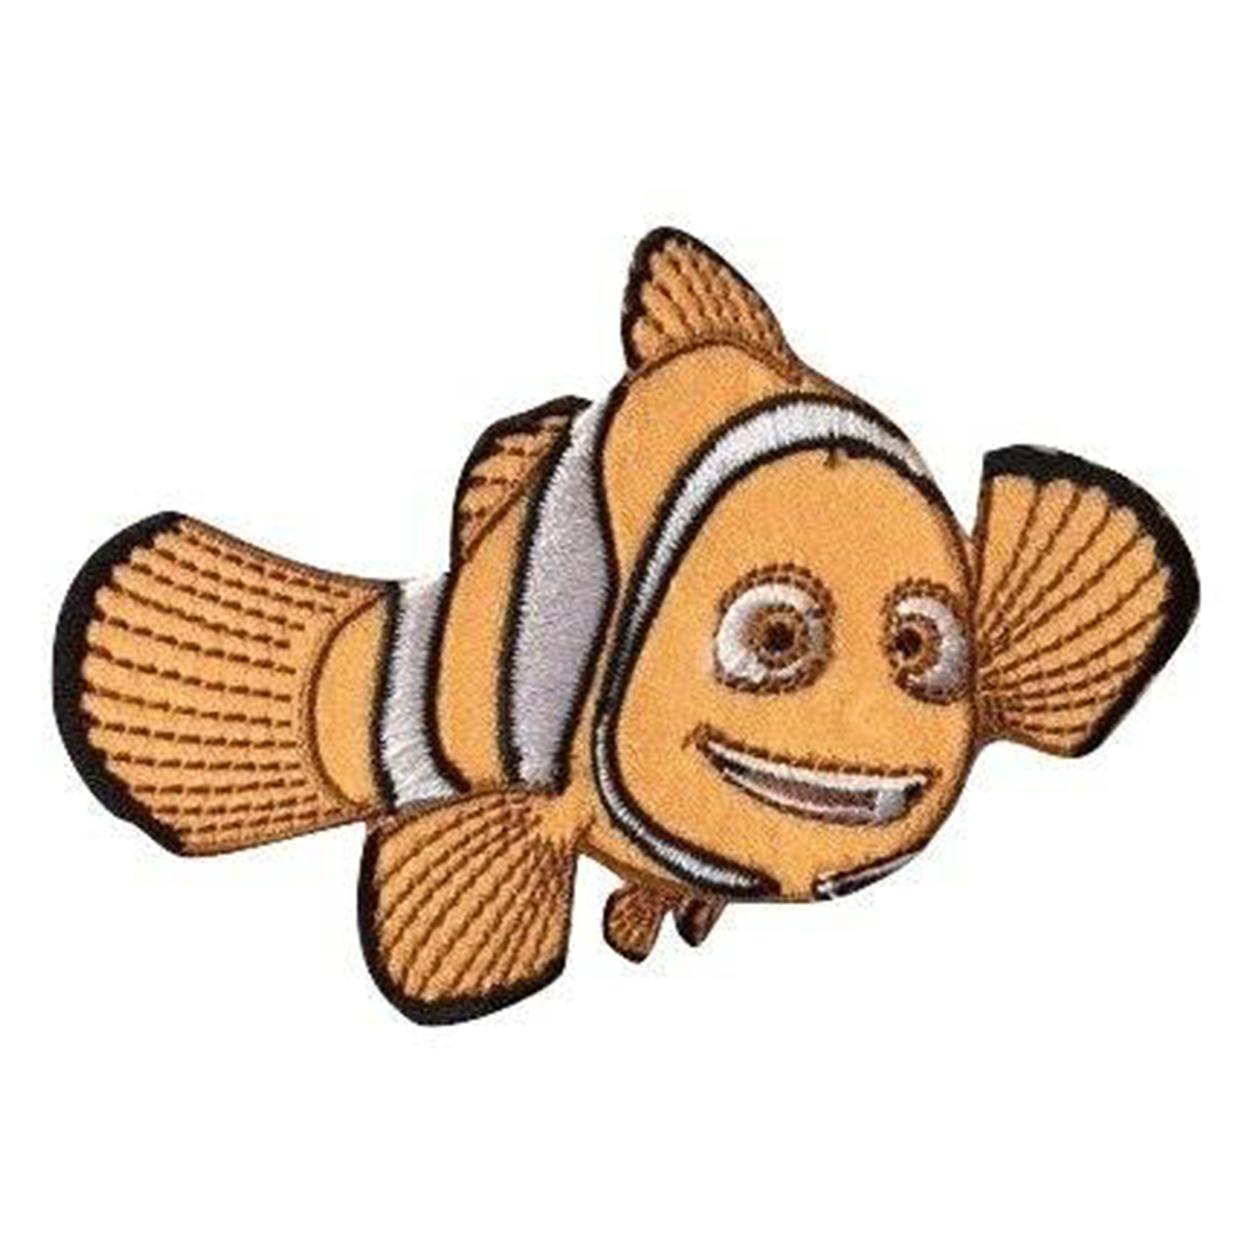 Applicazione Termoadesiva Disney Nemo Marlin